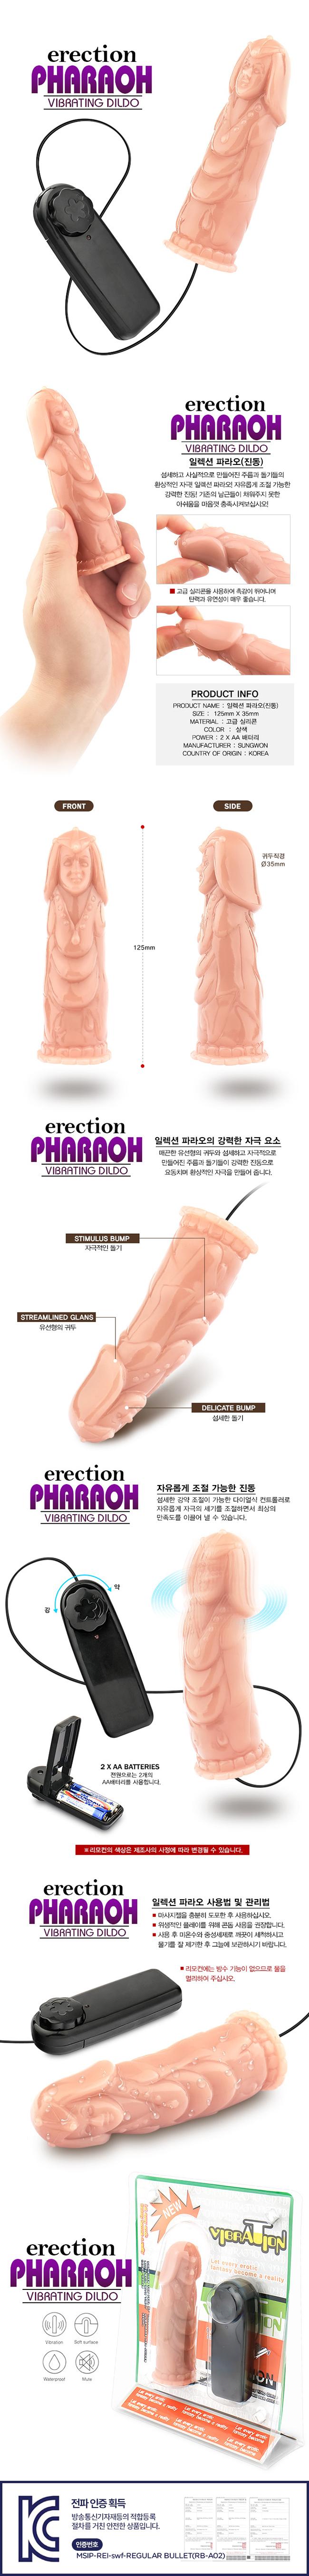 [고급 실리콘+진동] 일렉션 파라오(Erection Pharaoh Vibrating Dildo) [NR]